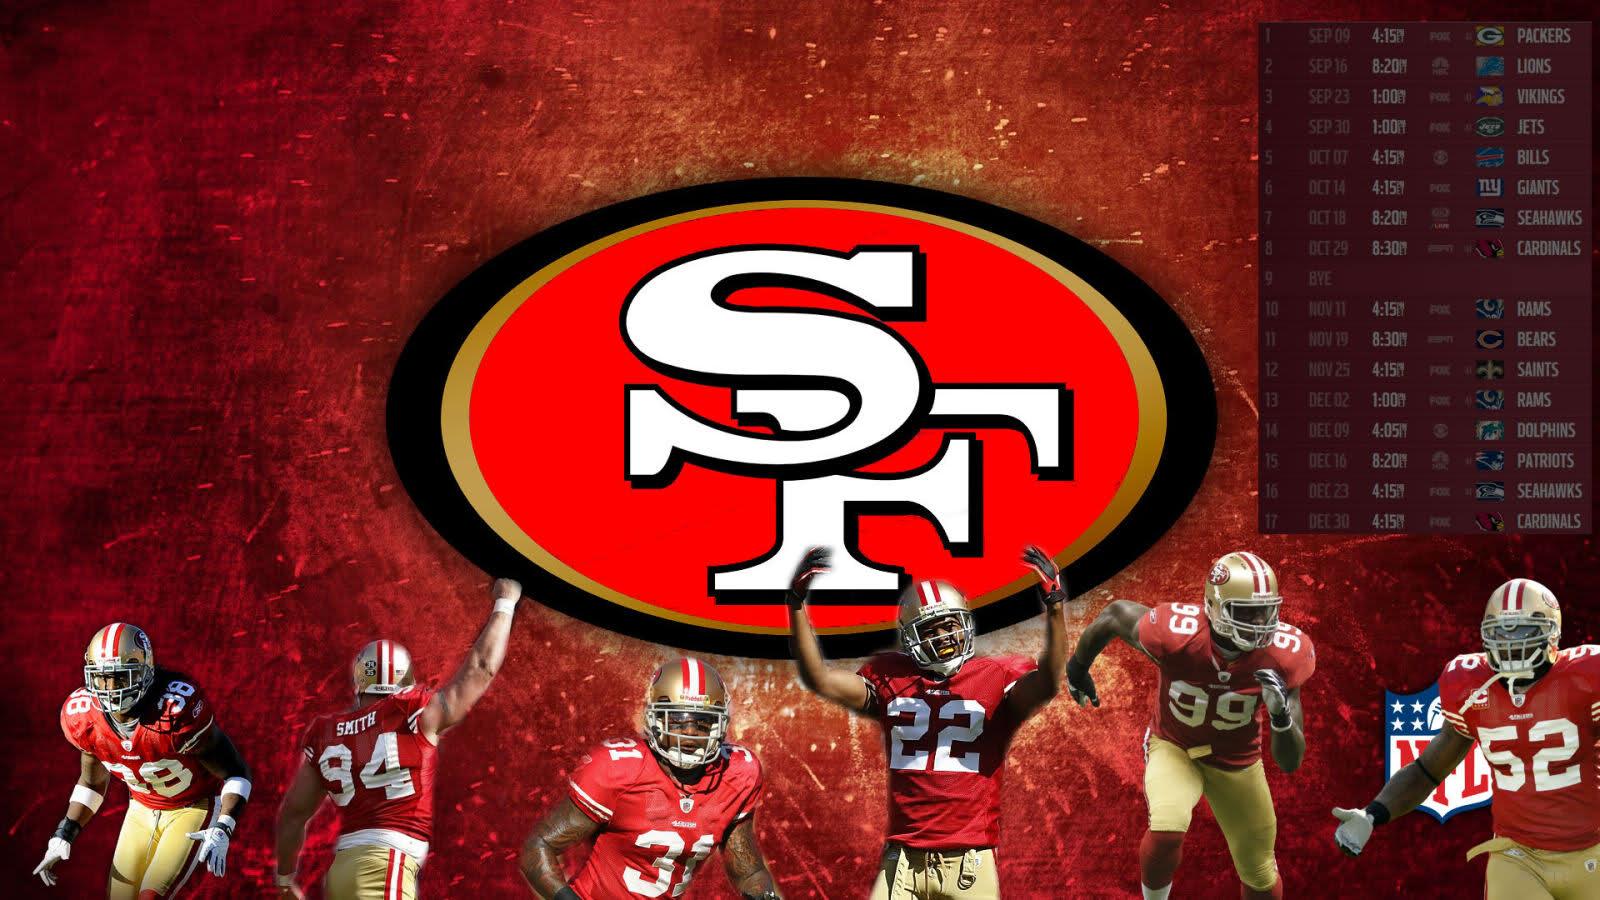 49ers Wallpaper ImageBankbiz 1600x900